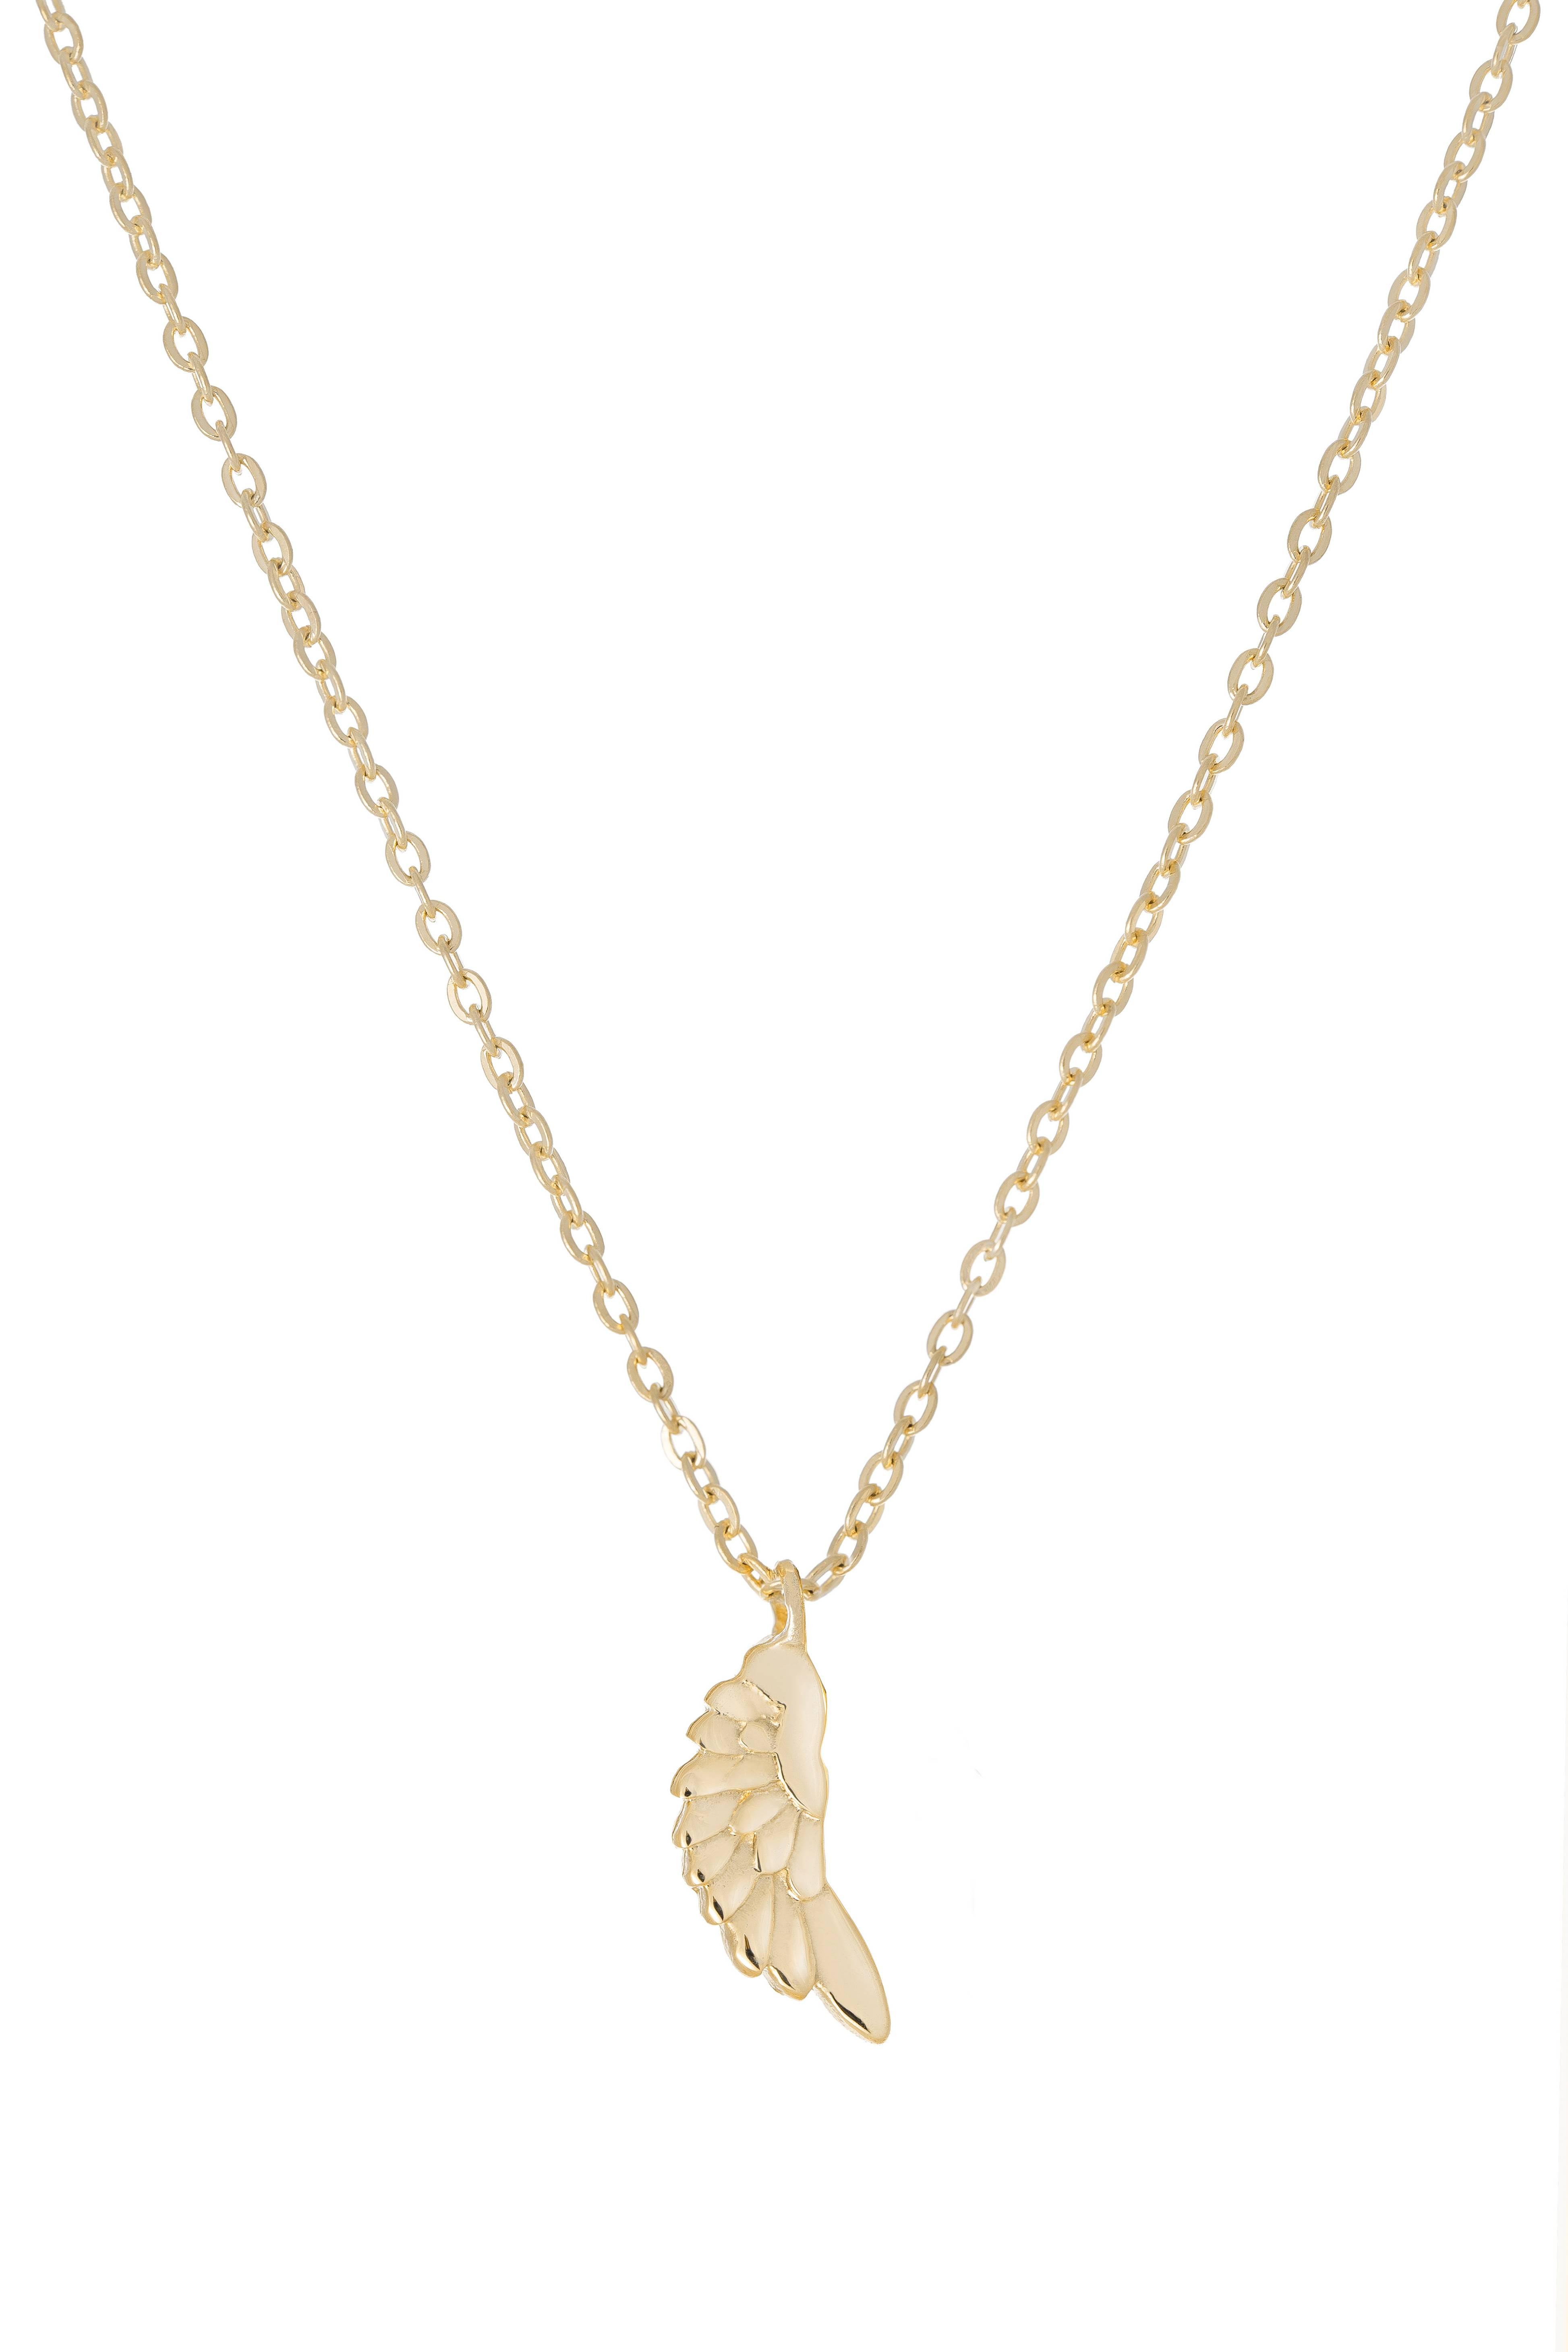 Náhrdelník BY LEON.Y., 14kt zlato, Anjelské ochranné krídlo